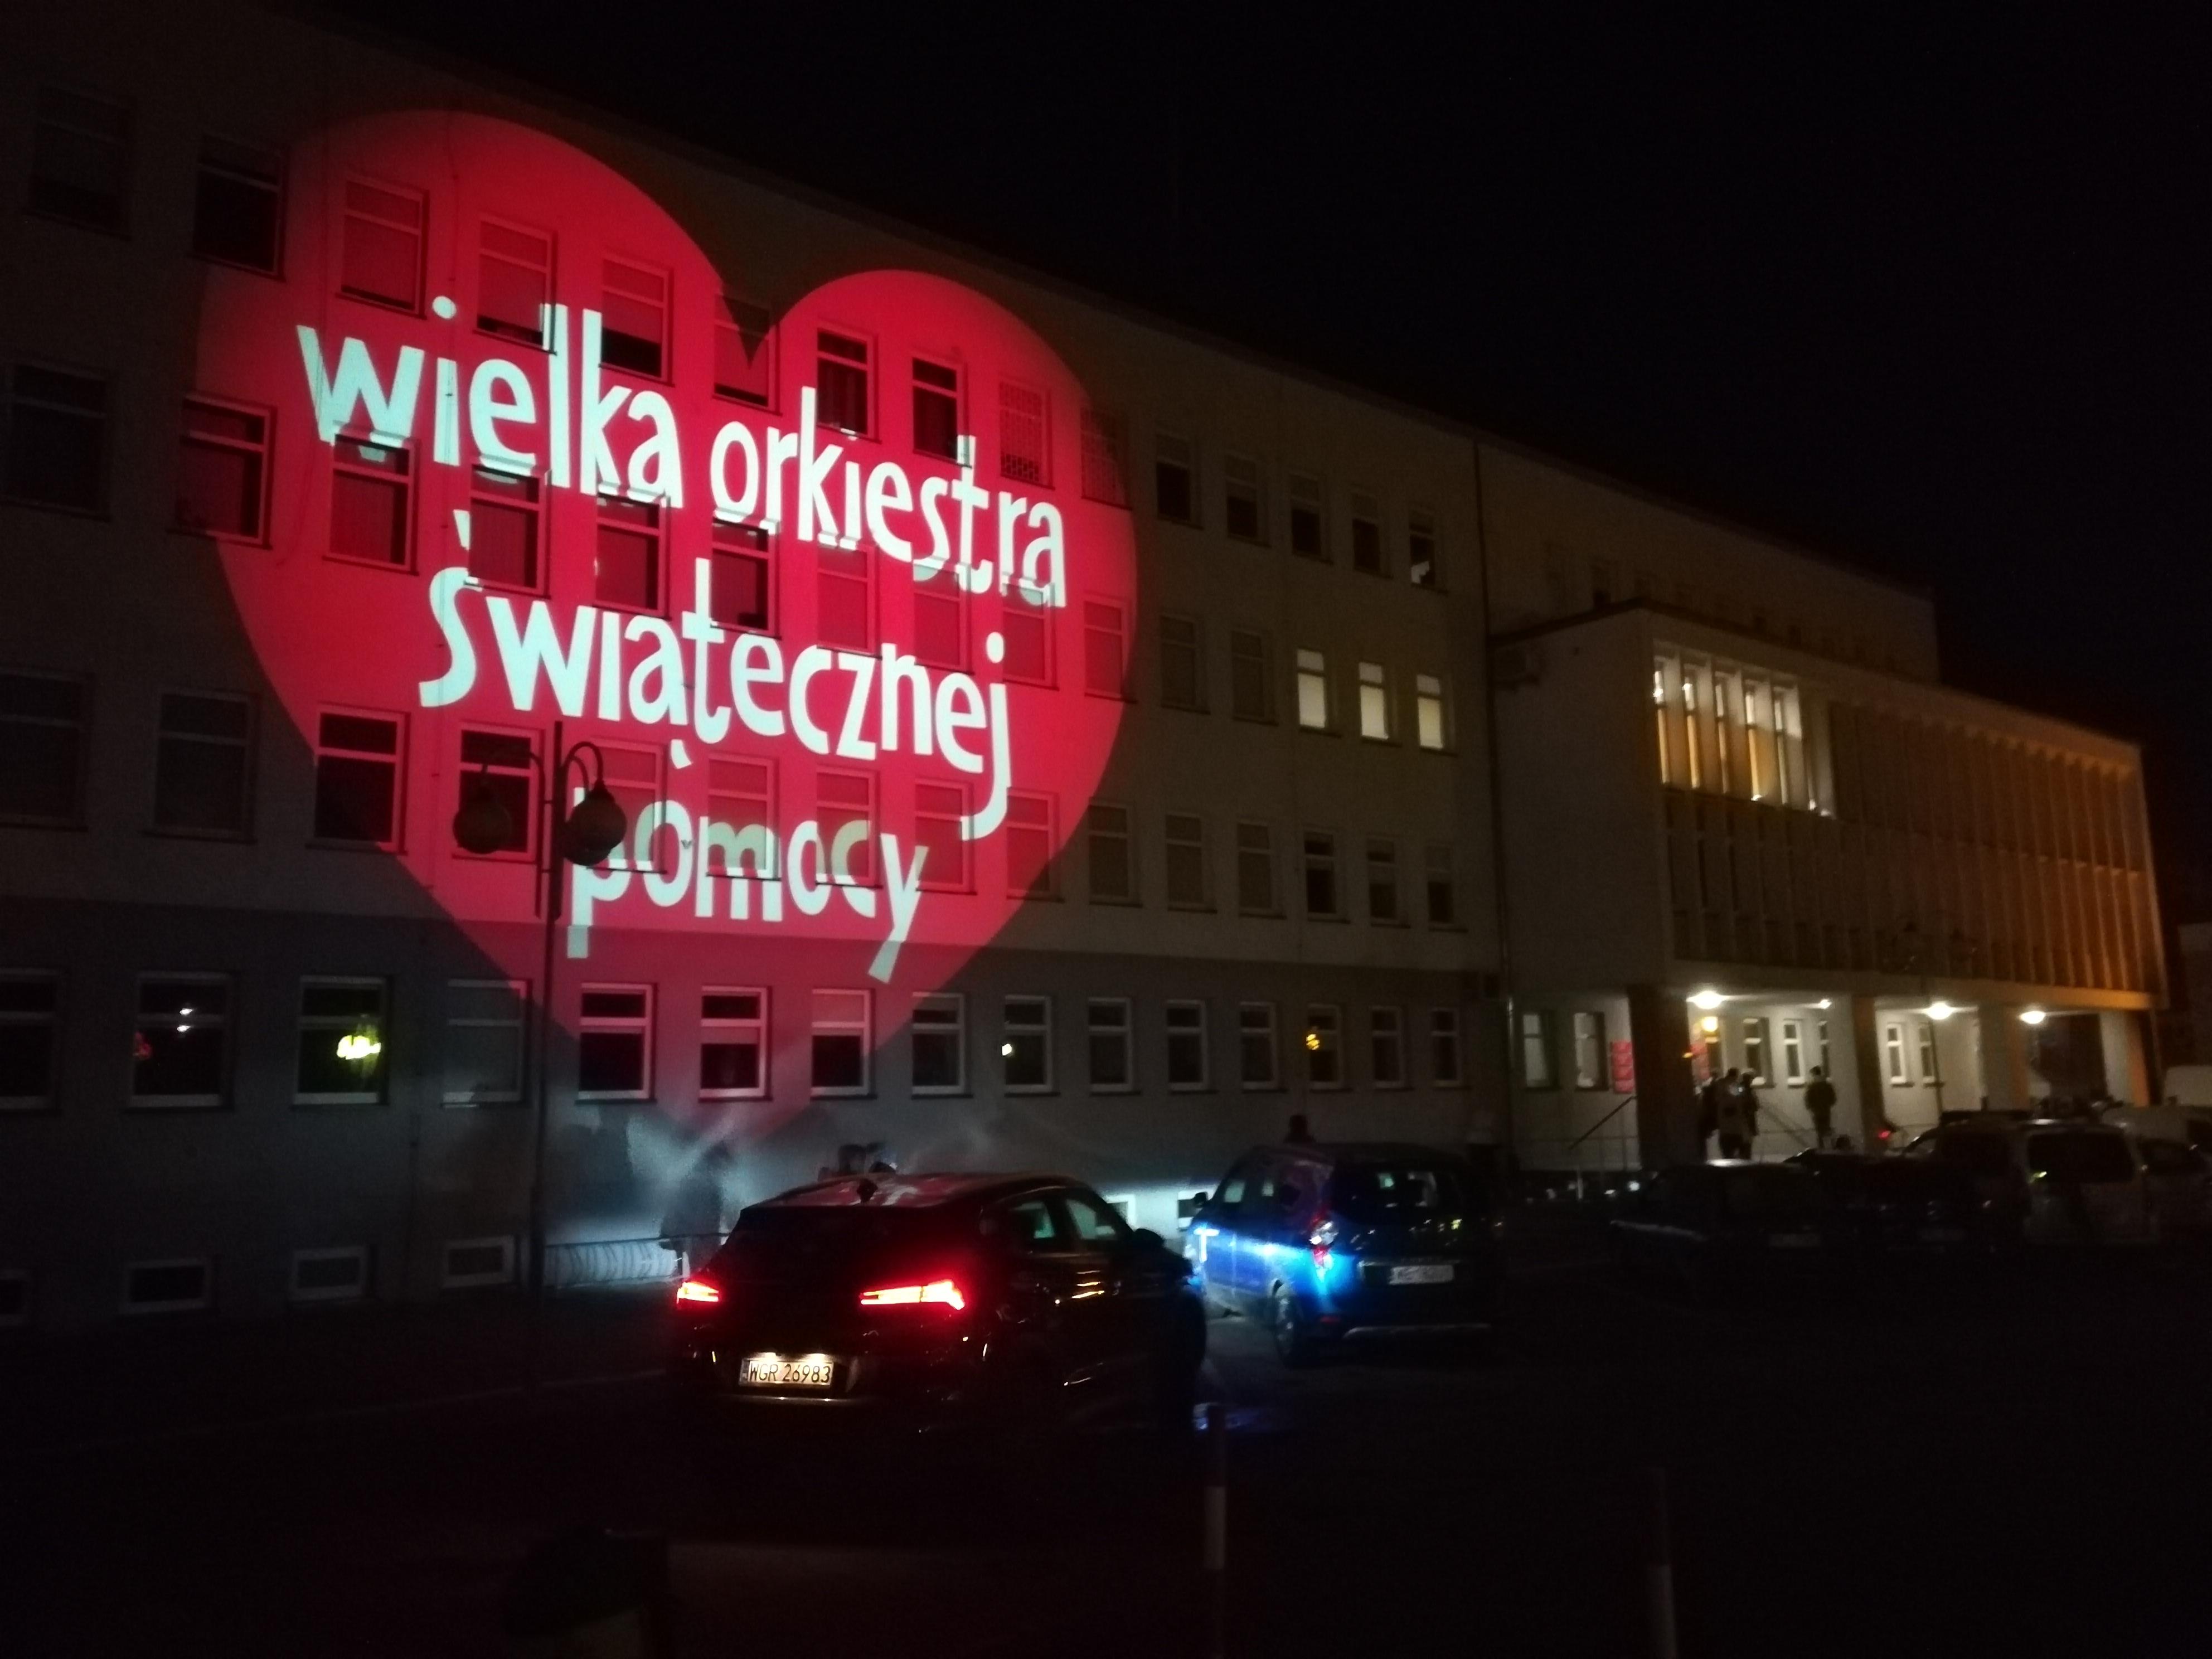 WOŚP kupiła 242 urządzenia, które trafią do 23 miast w Polsce. Sprzęt kosztował 16,7 mln złotych